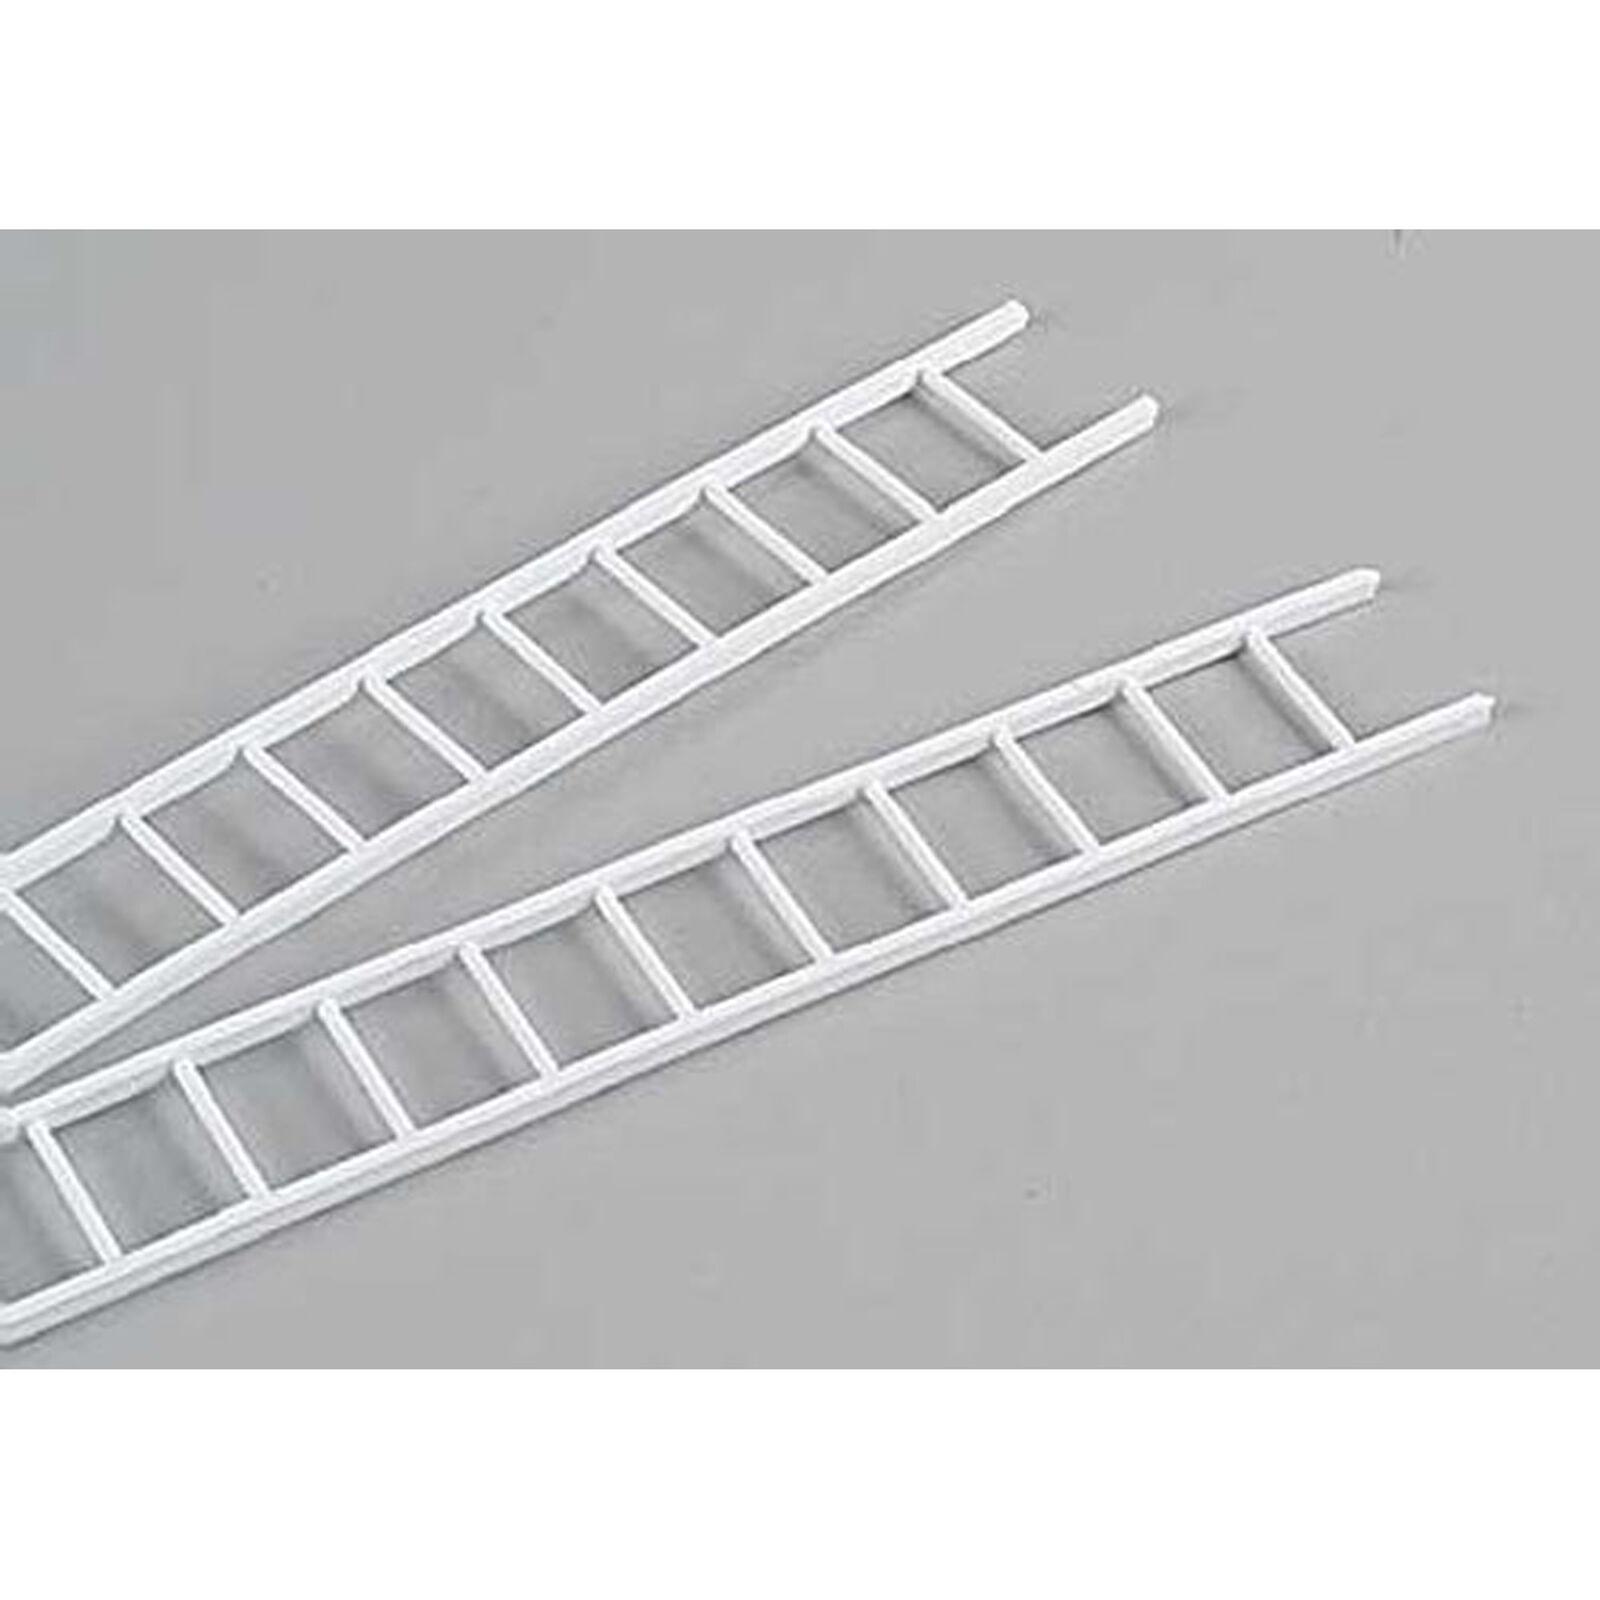 LS-16 Styrene Ladders (2)